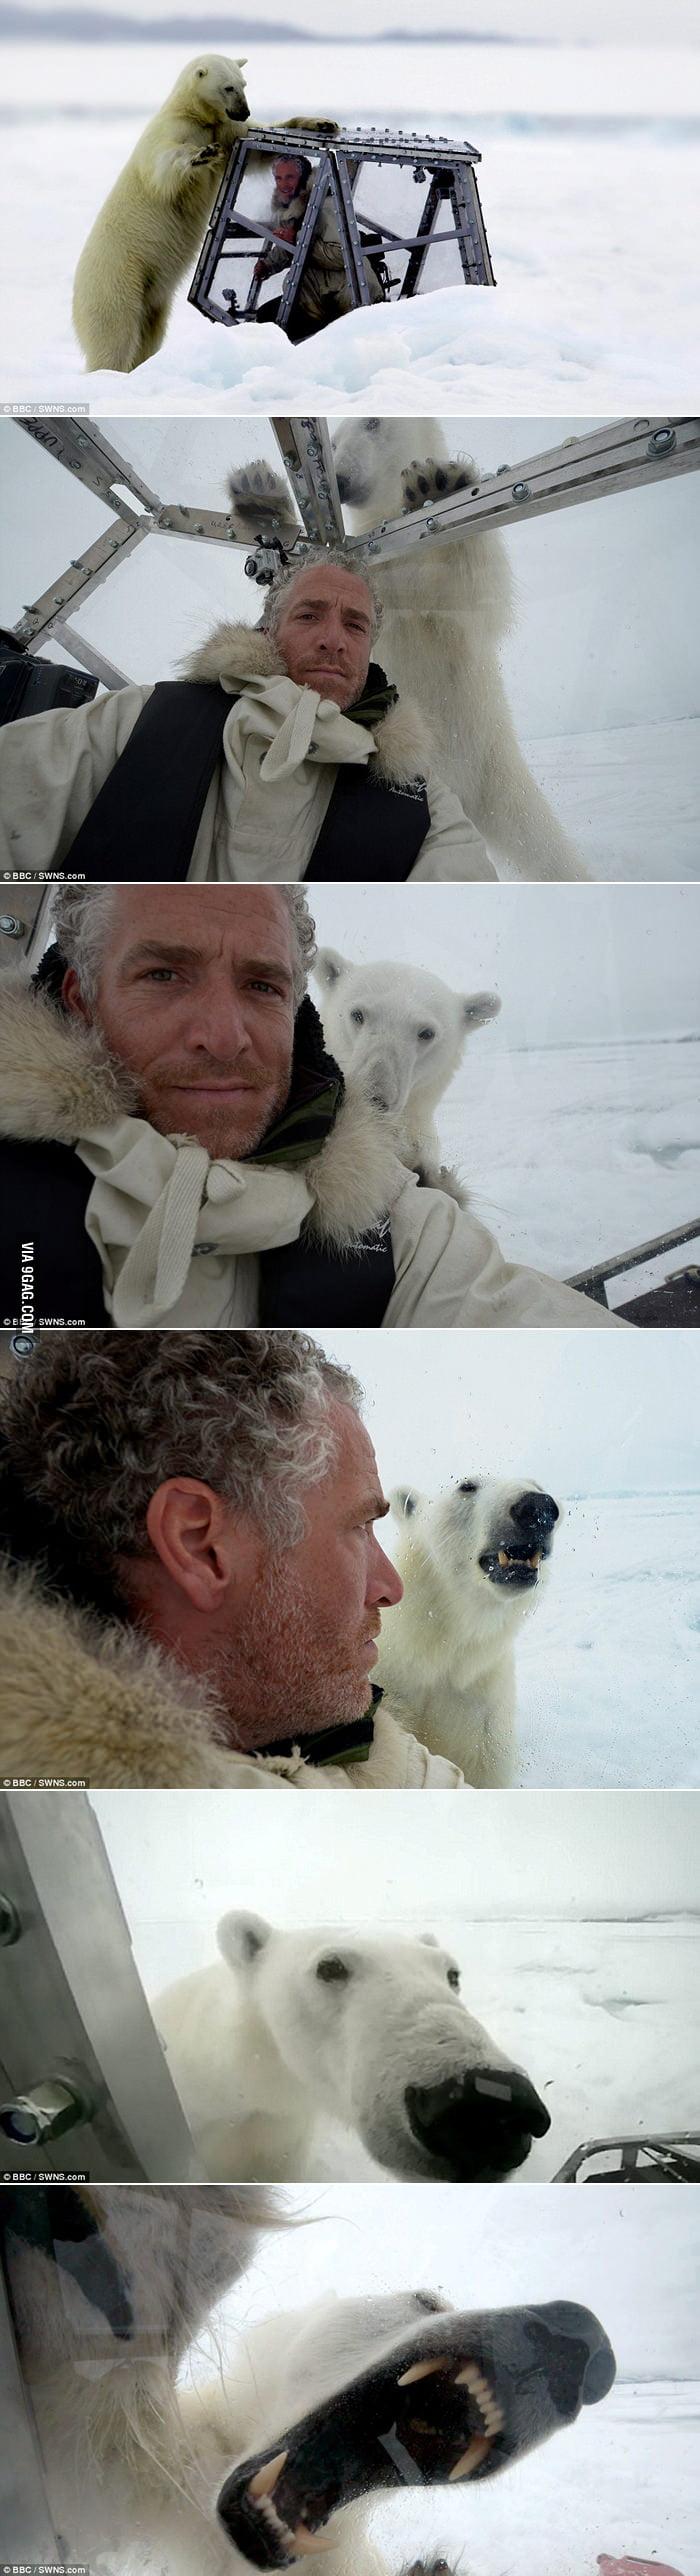 Polar bear is cute, right?